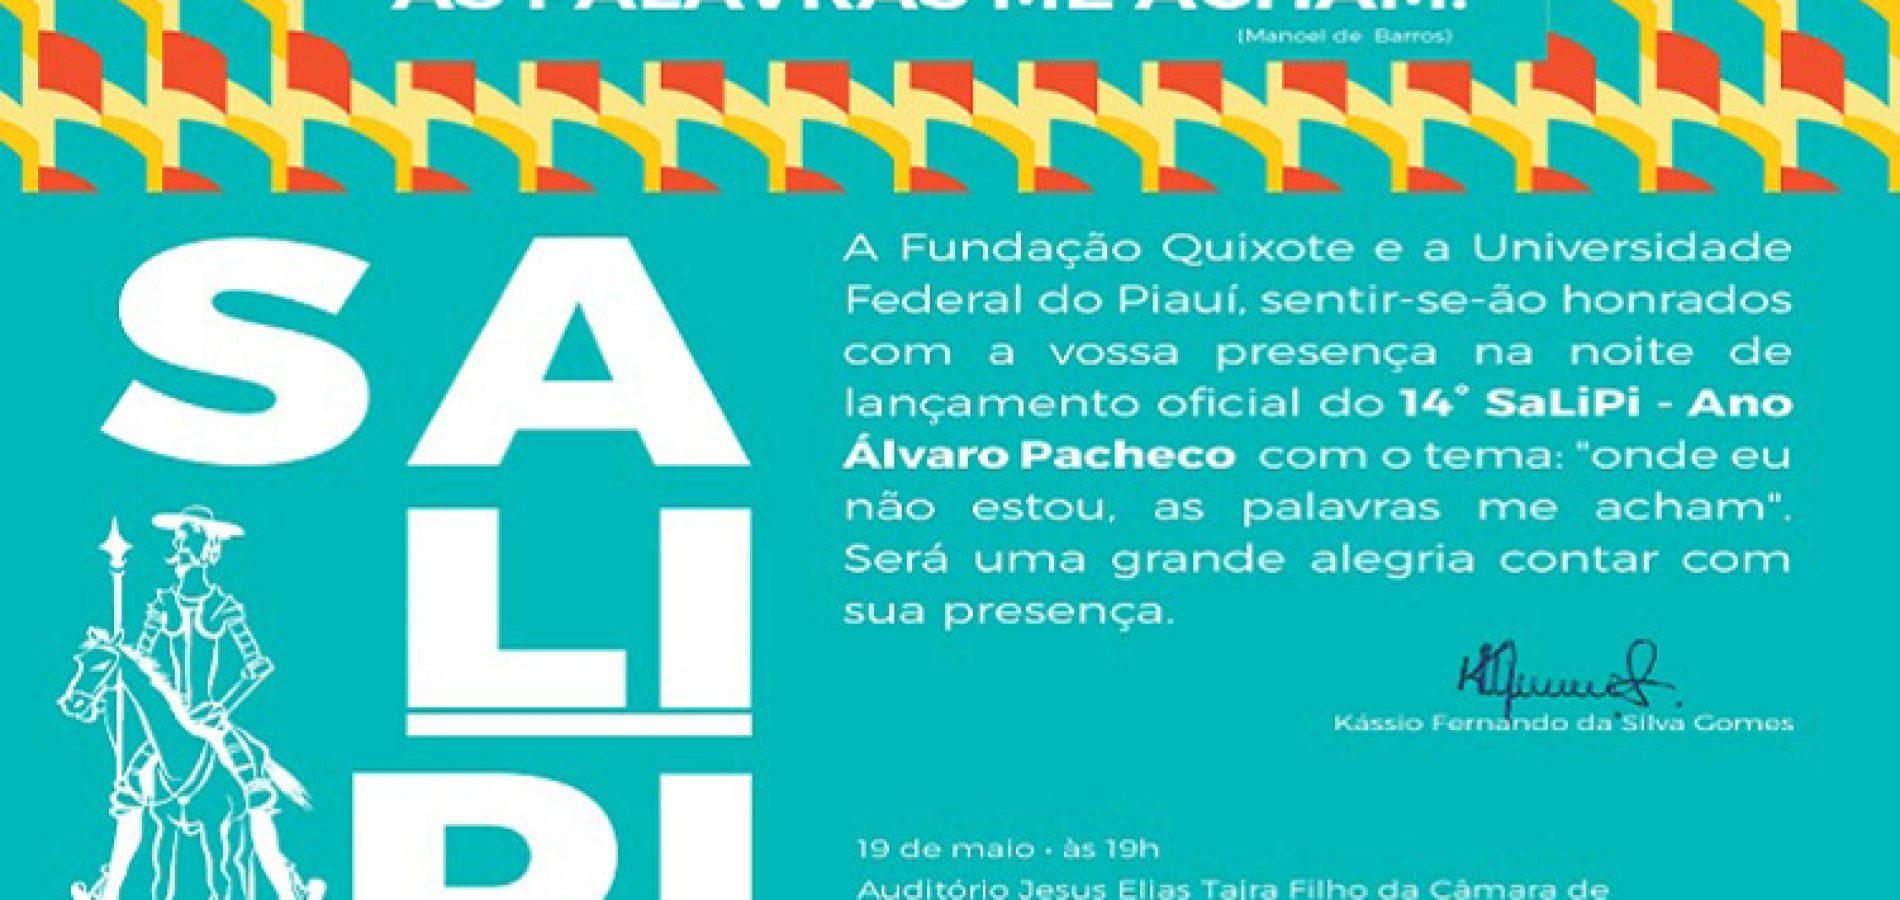 Salão do Livro do Piauí 2016 terá 50 palestras, 100 expositores e homenageia jaicoense